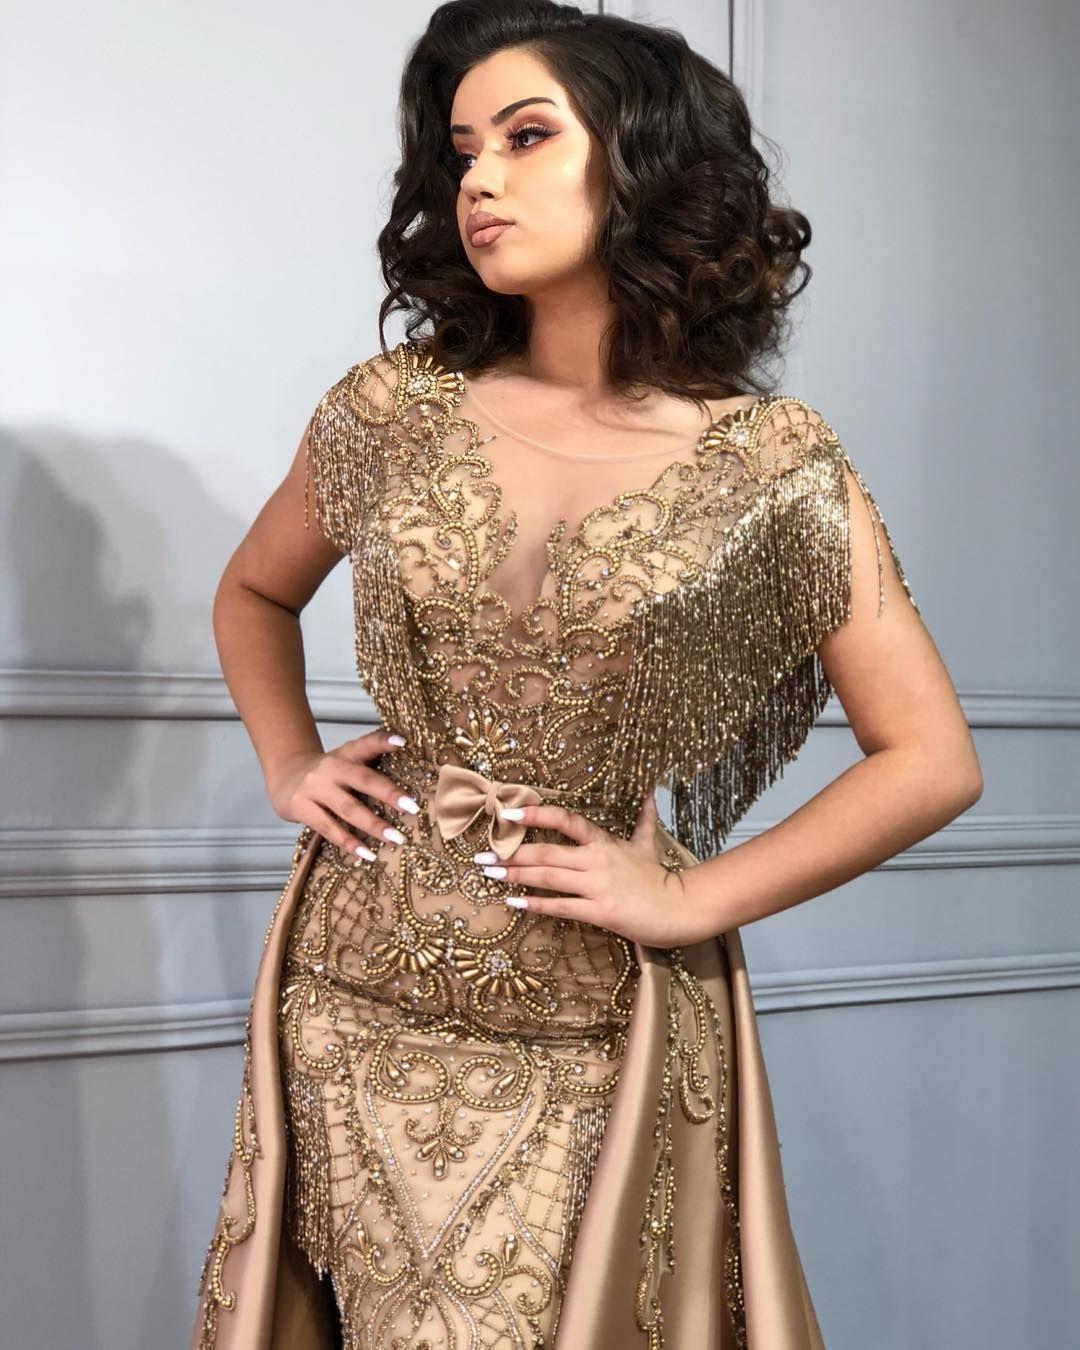 Dress By: @lavderim_kukaj_fashiondesigner & @blini